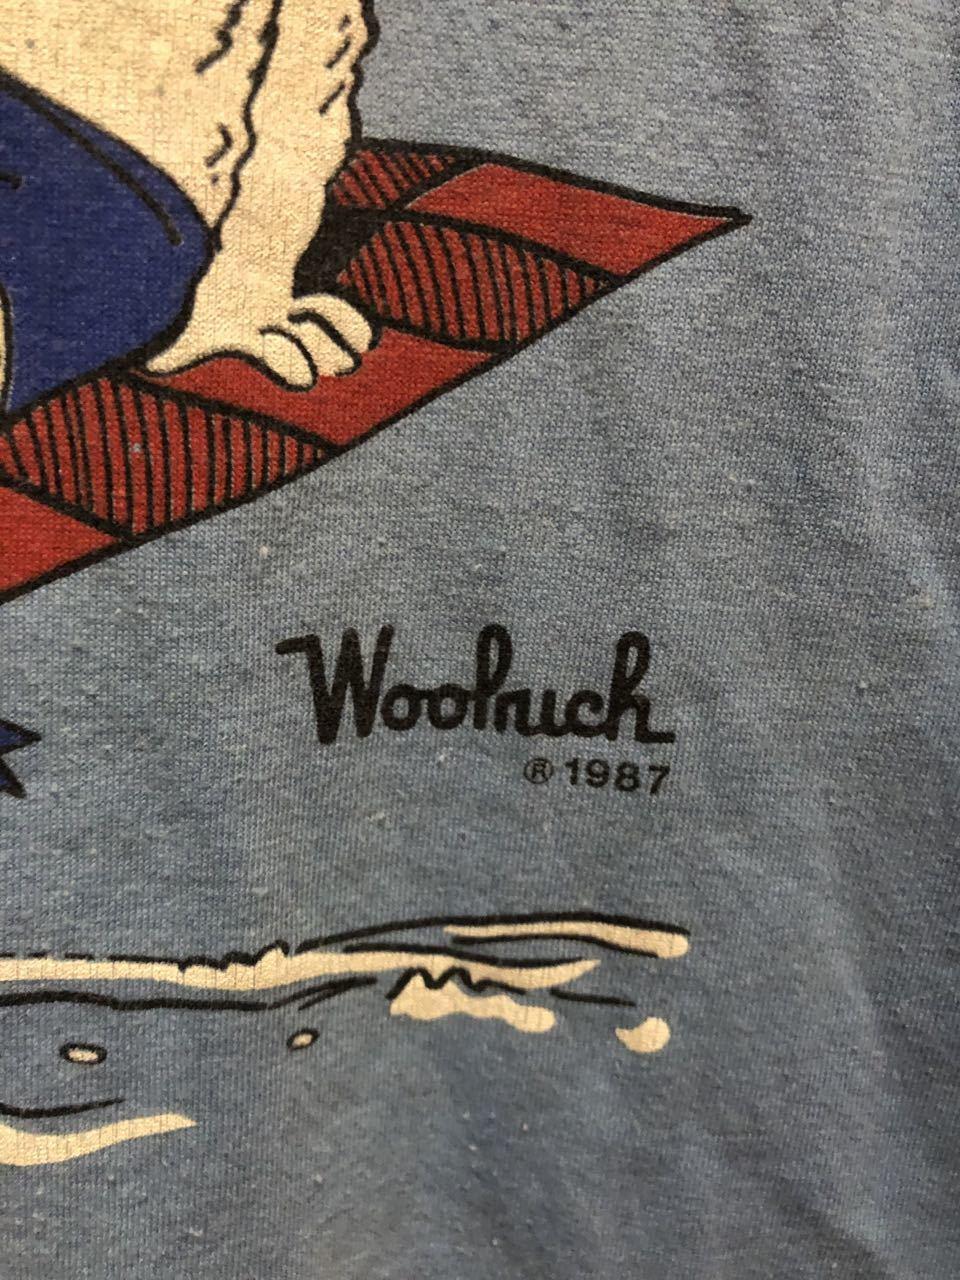 8月1日(土)入荷!80s MADE IN U.S.A  woolrich  ウールリッチ Tシャツ! _c0144020_17041724.jpg